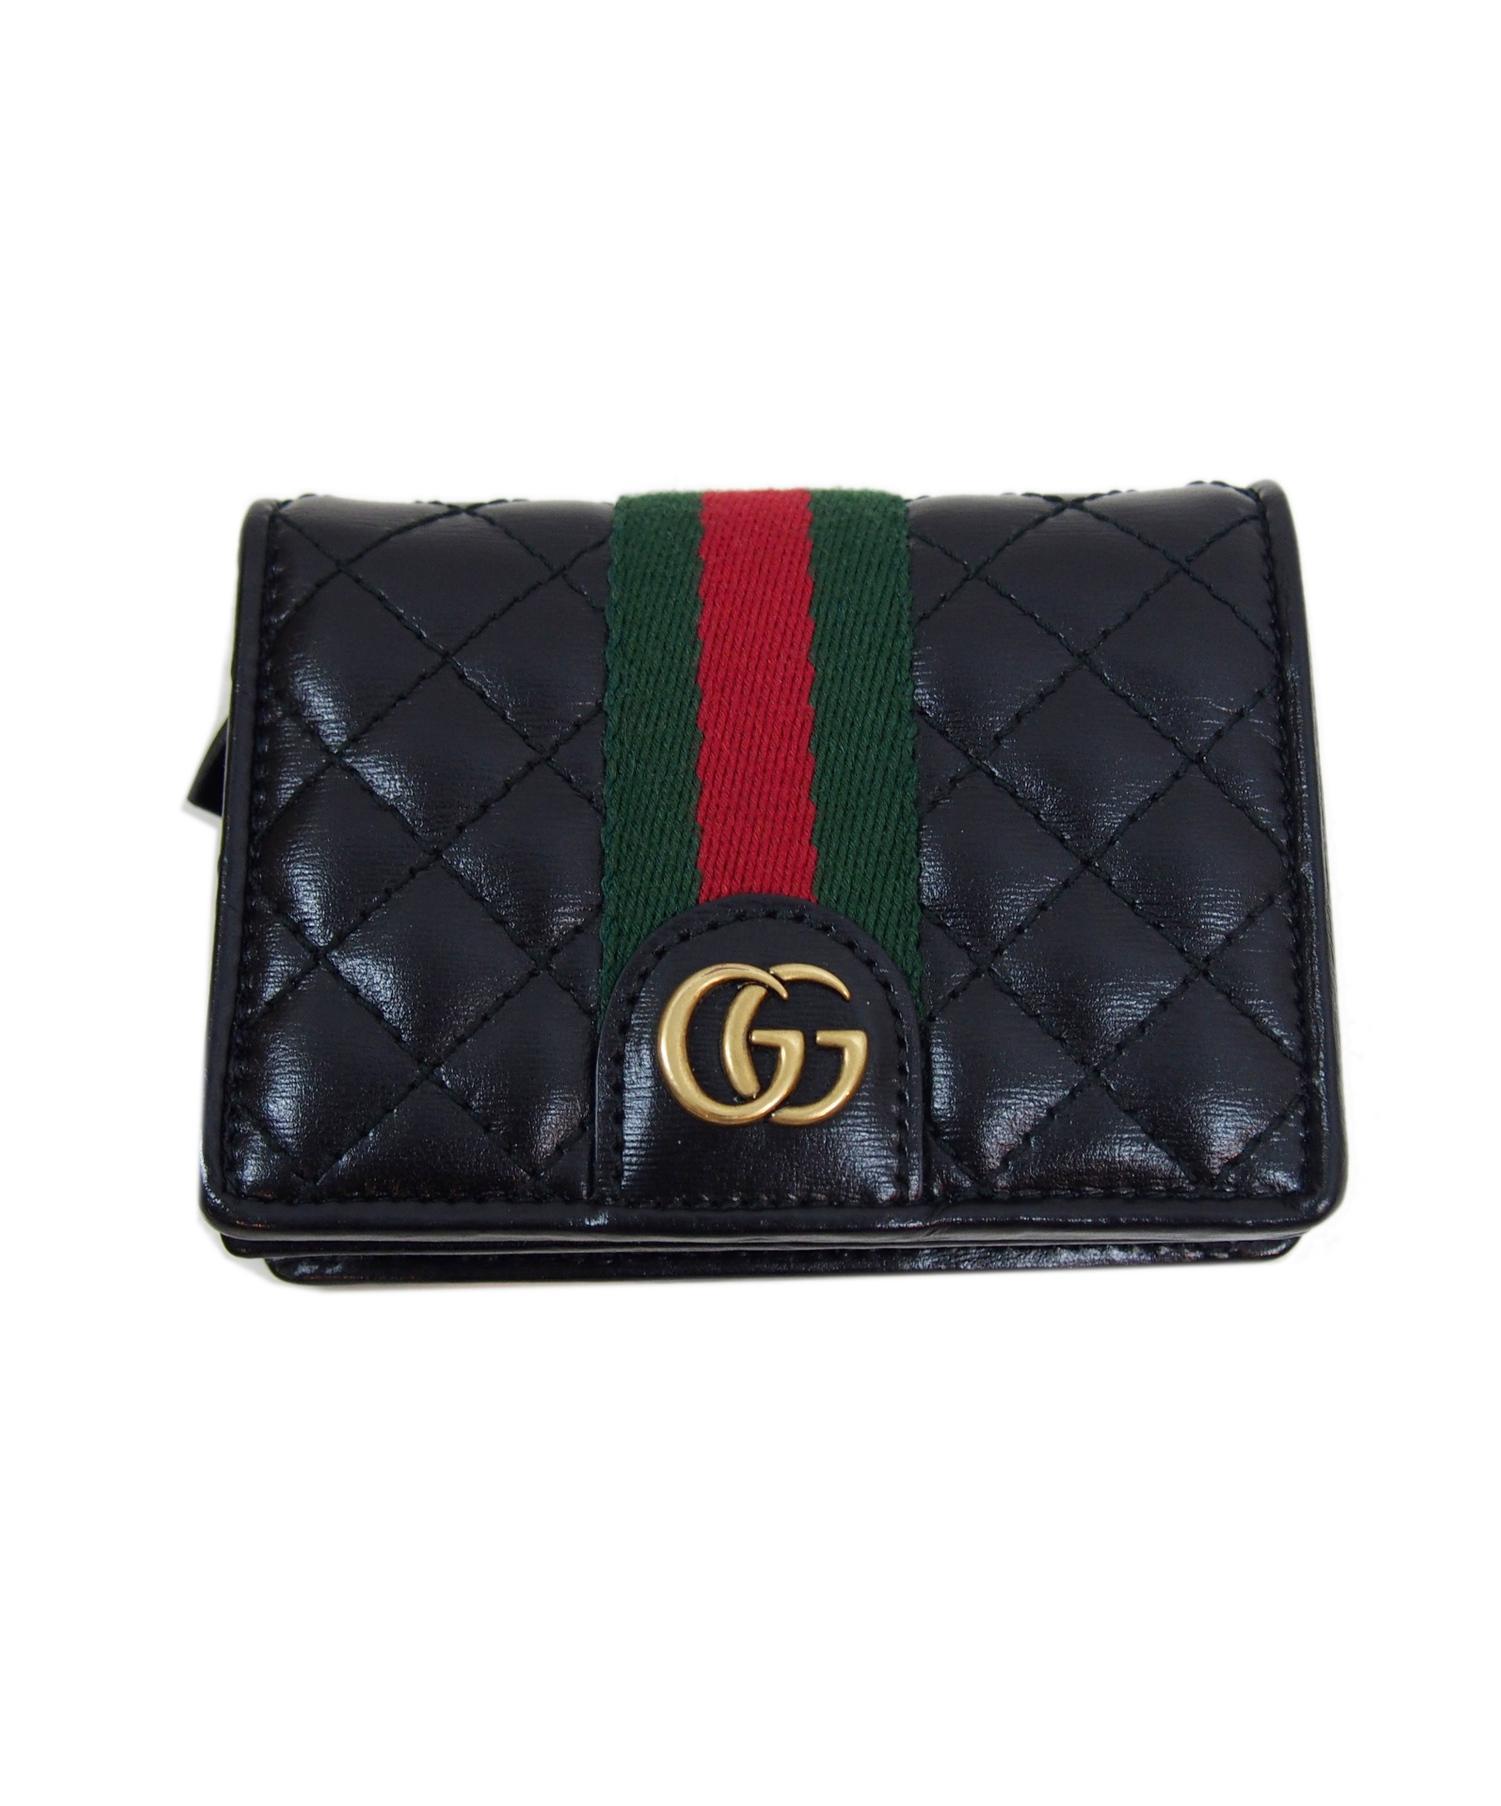 new product c2704 f1e93 [中古]GUCCI(グッチ)のレディース 服飾小物 コインケース